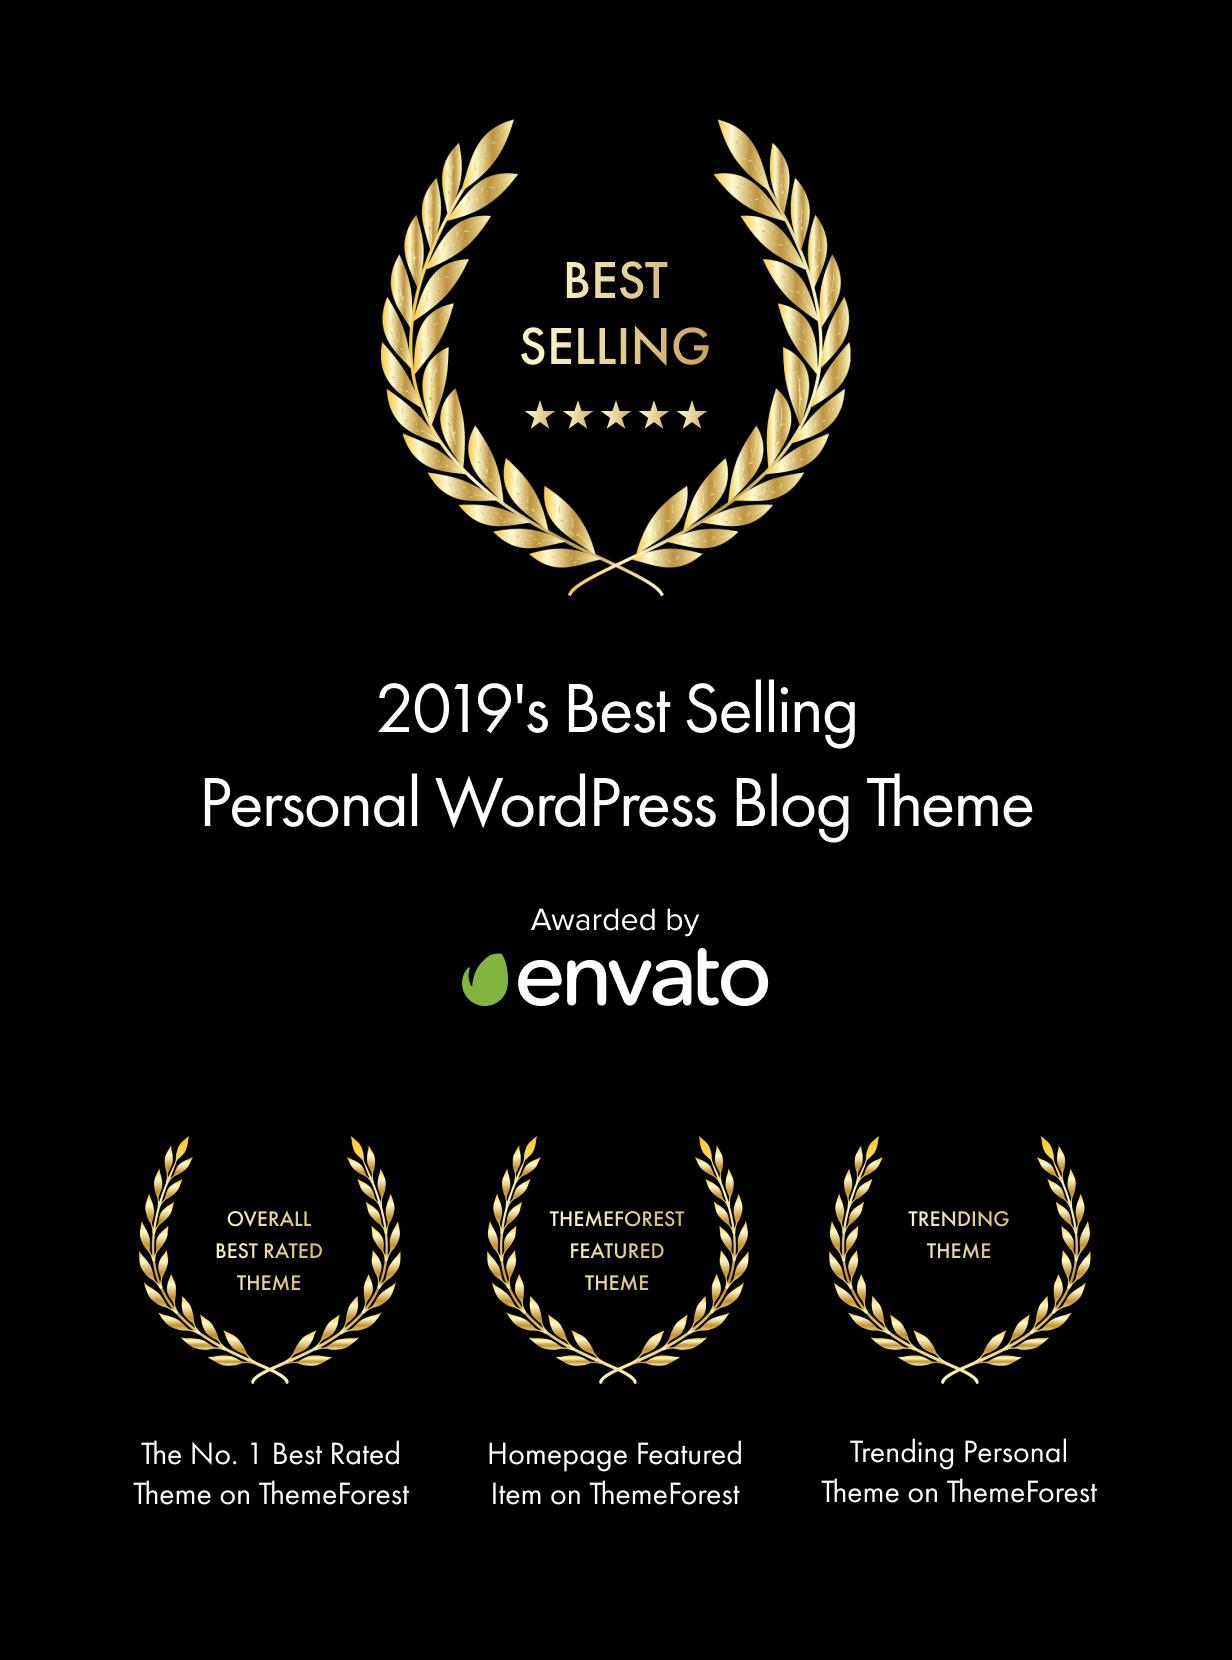 أفضل مظهر لمدونة WordPress الشخصية مبيعًا لعام 2019